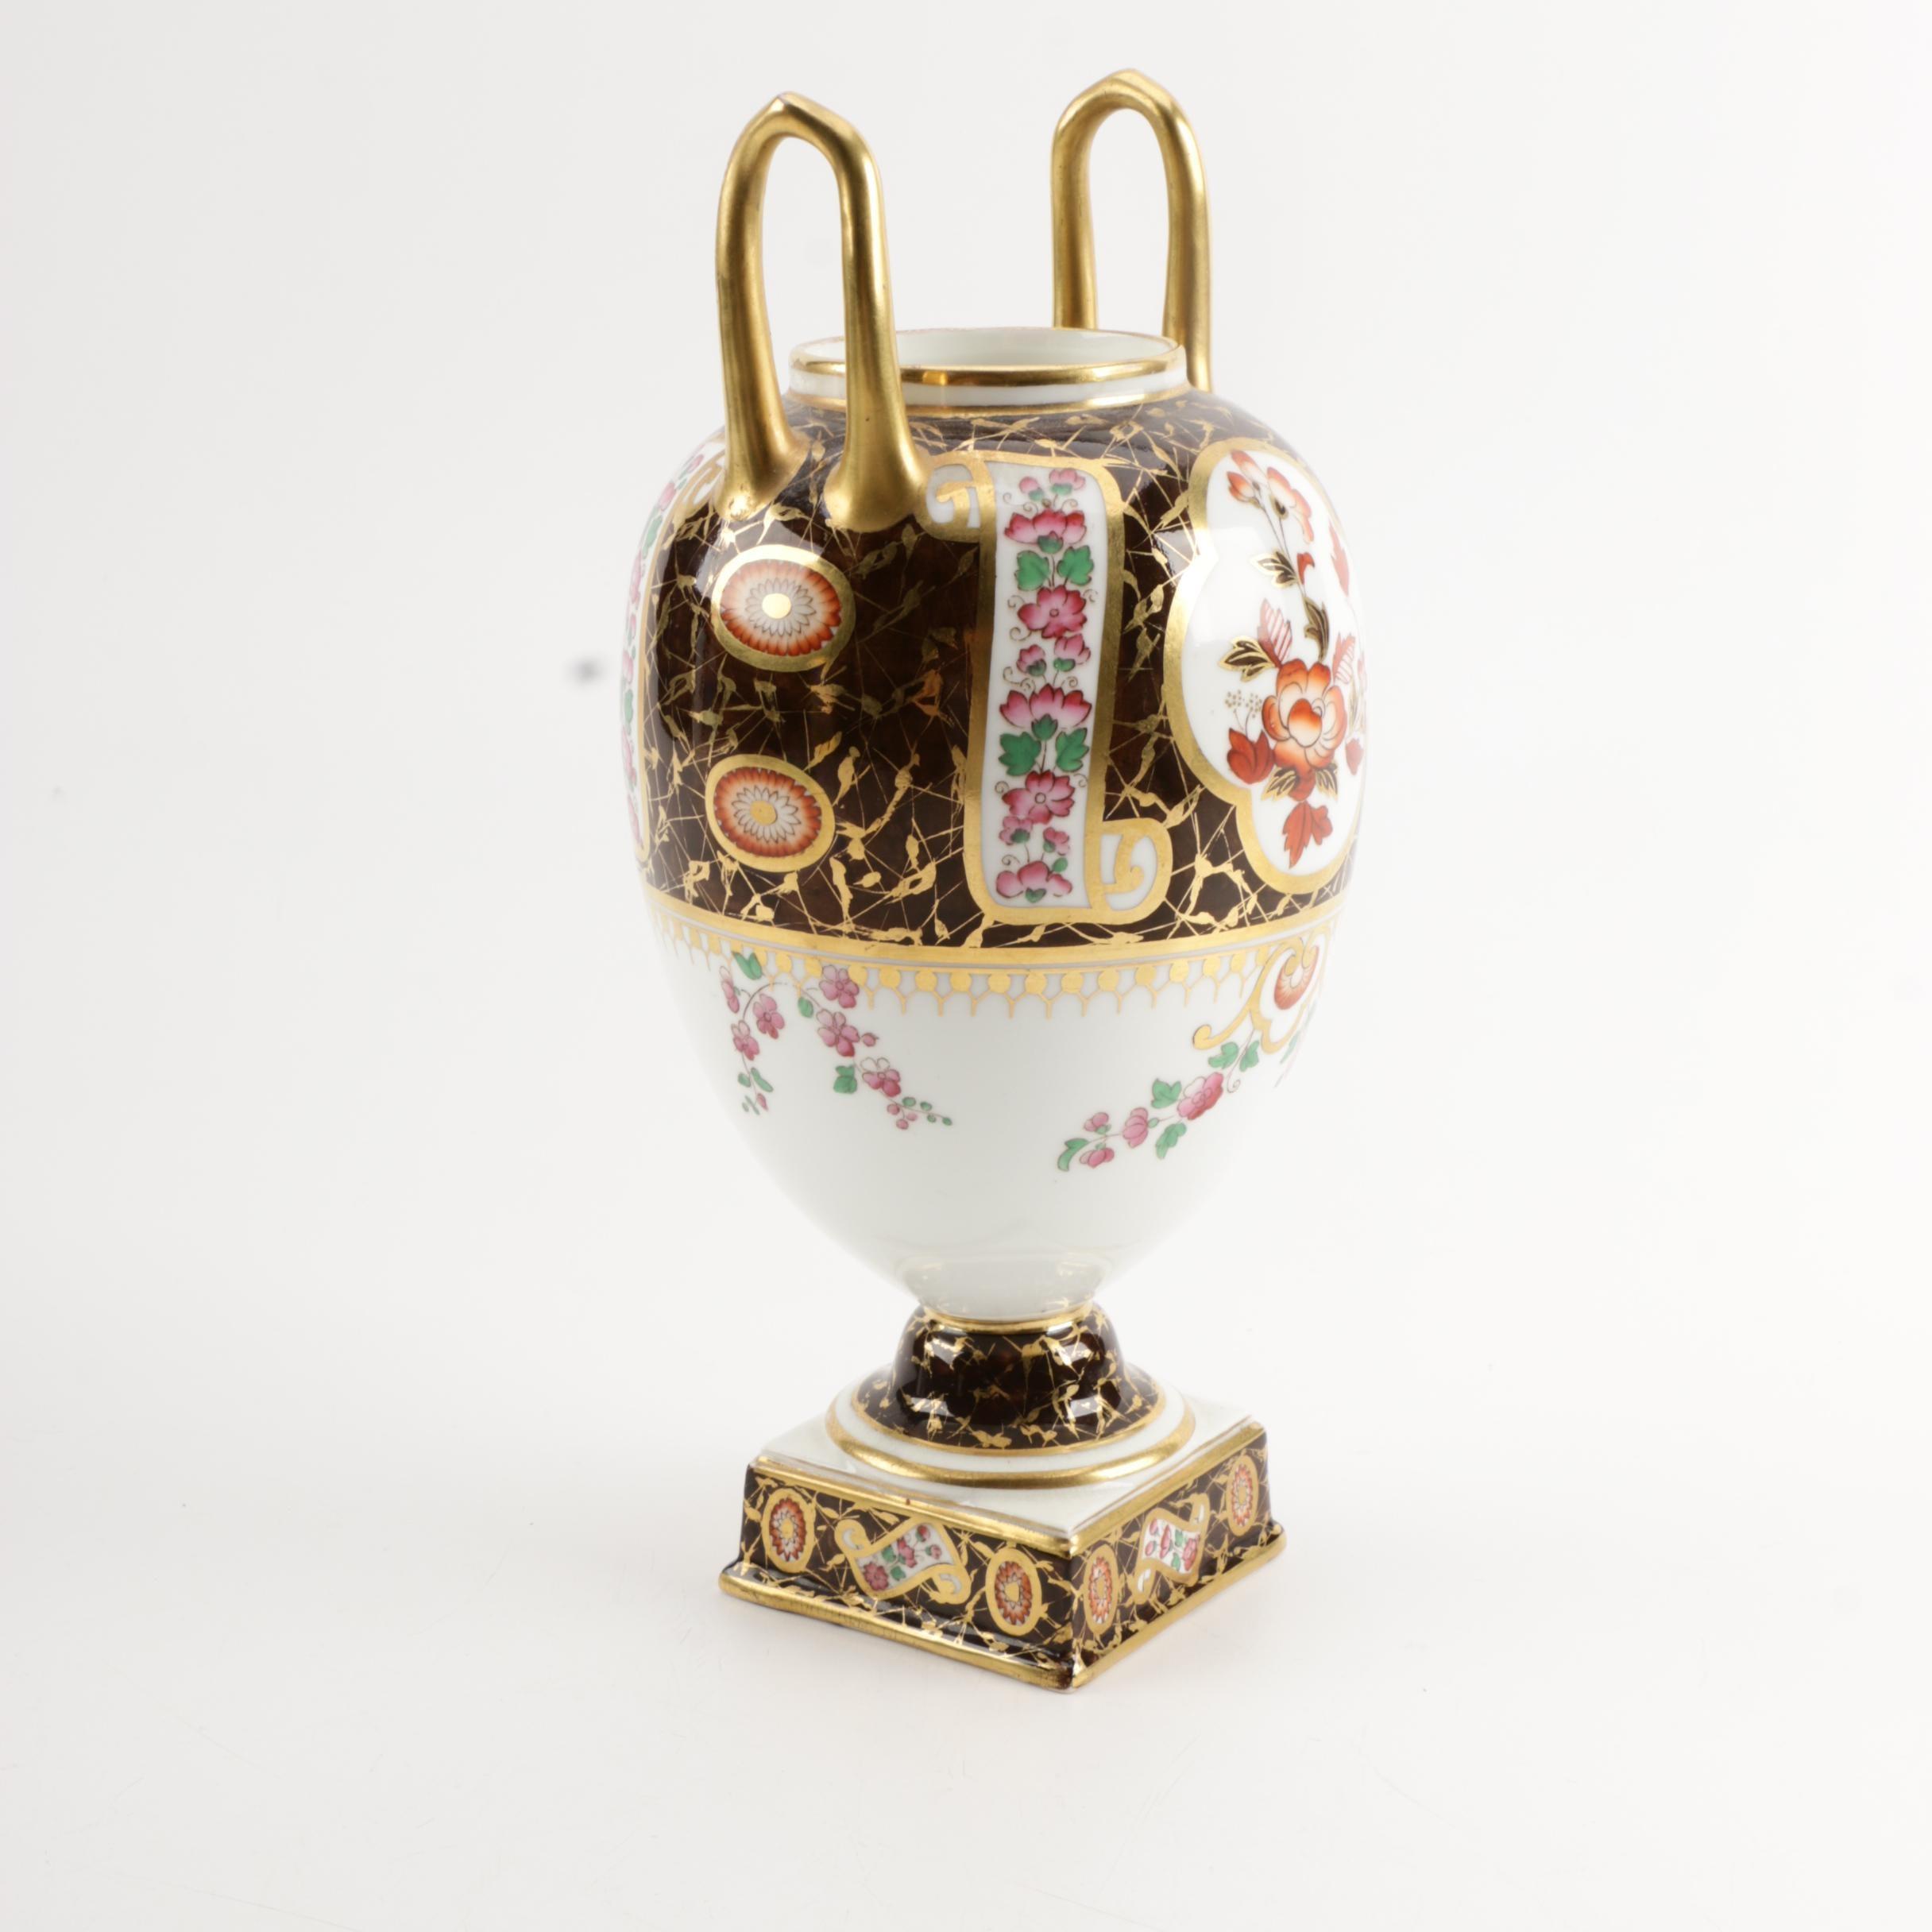 19th Century Wedgwood Imari-Style Porcelain Vase